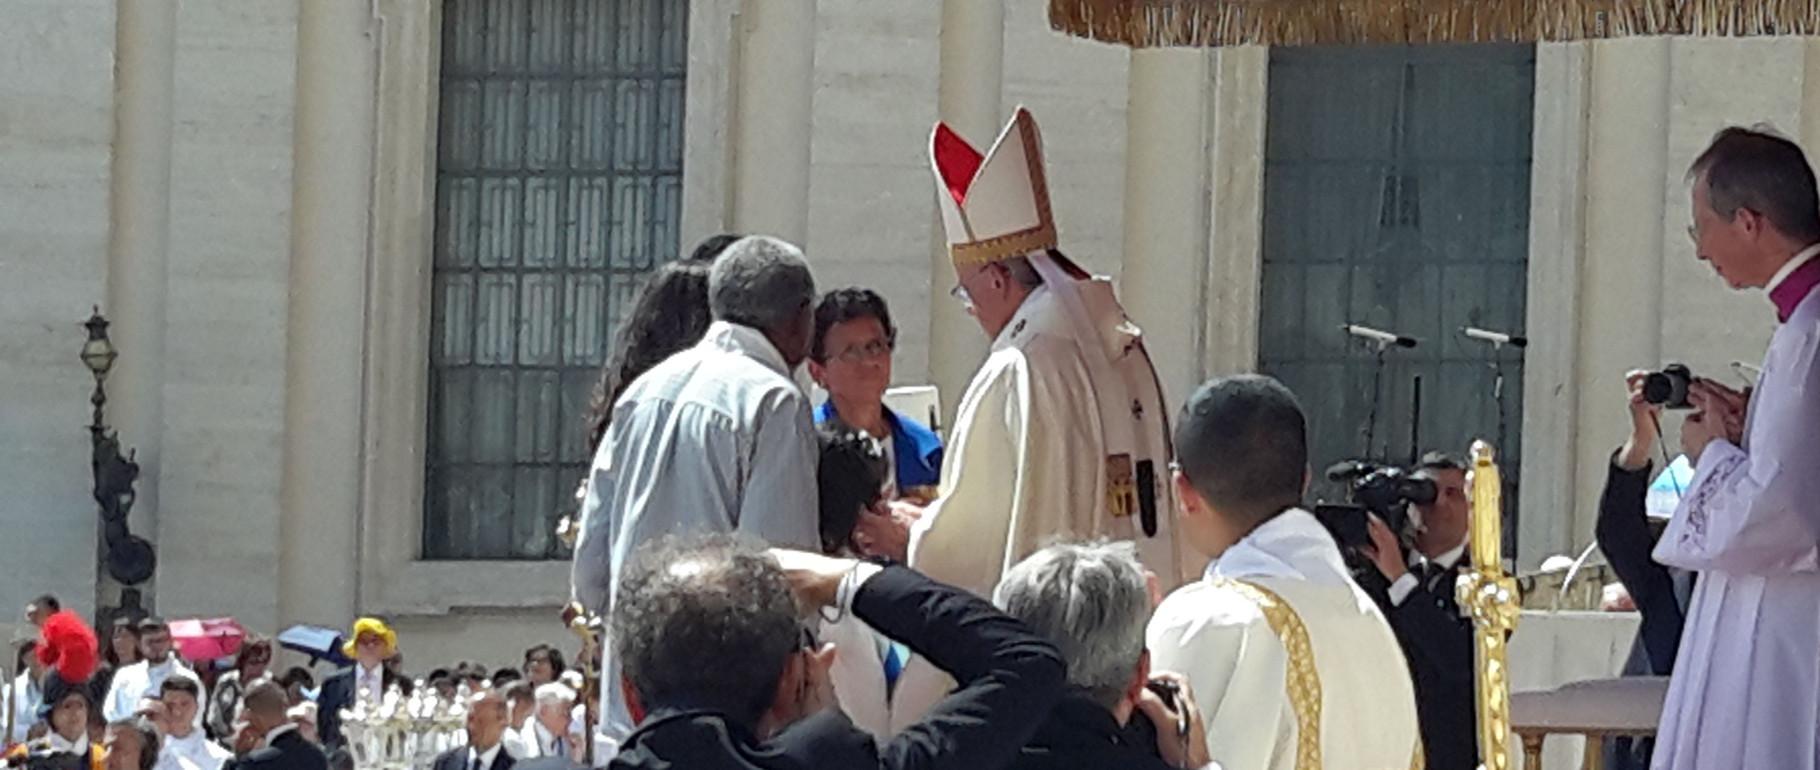 Albuns: Canonização e atividades da Congregação